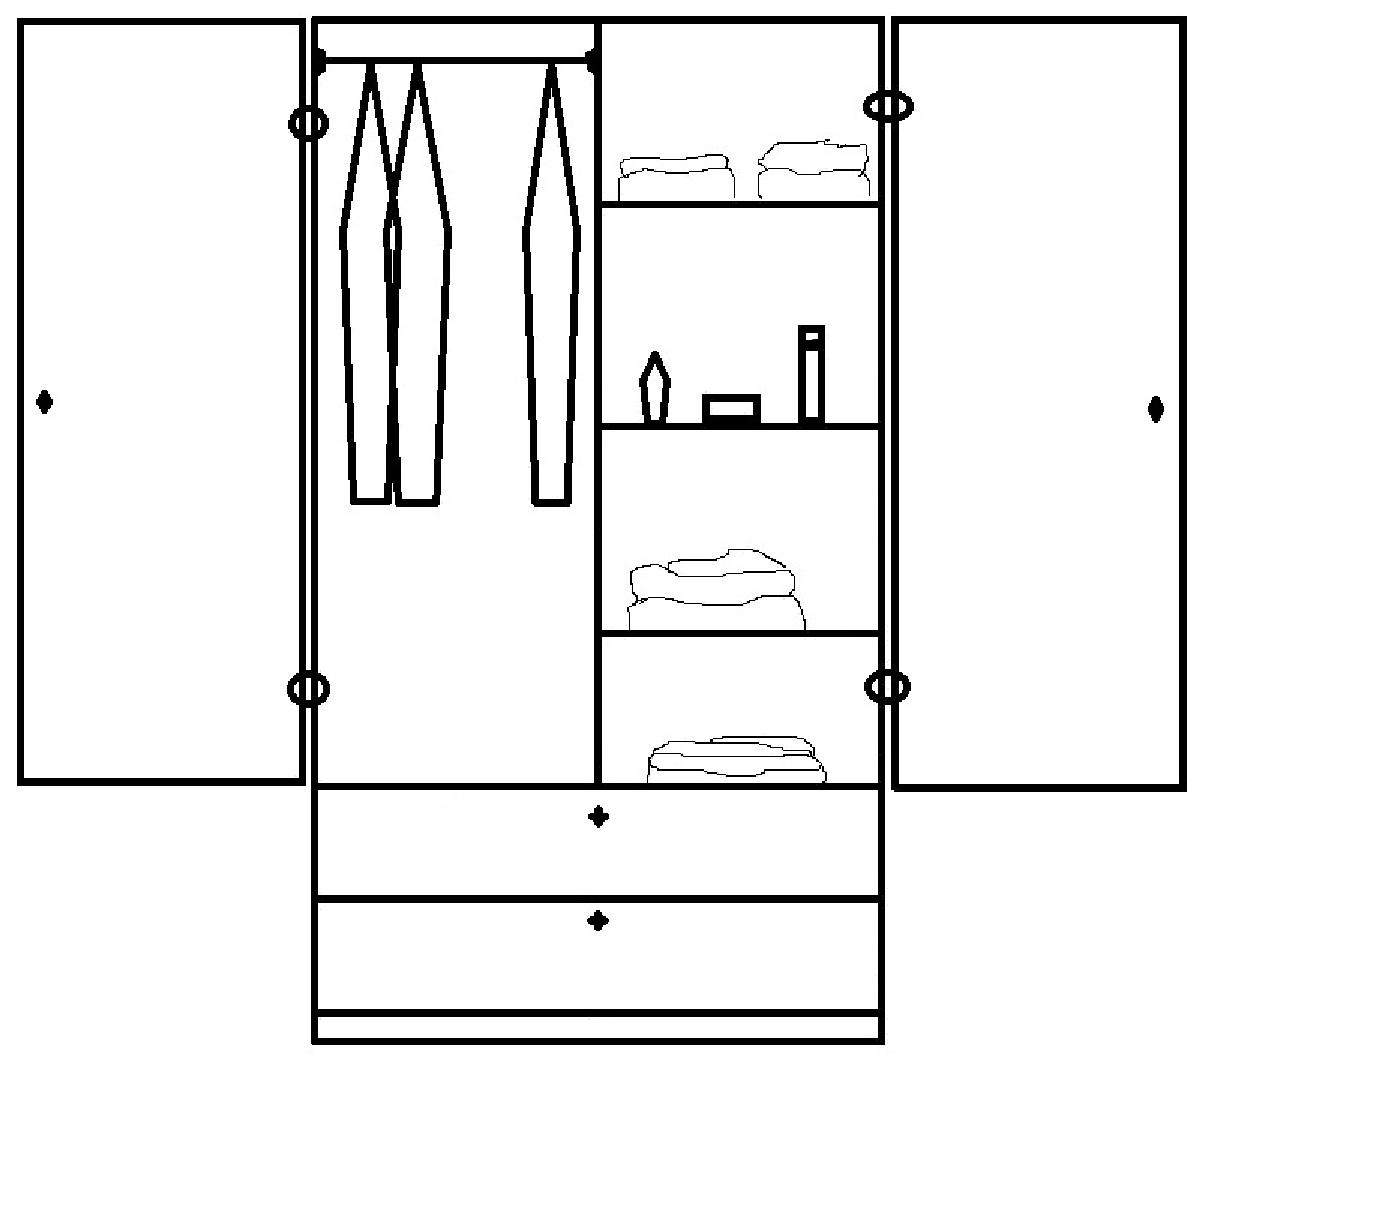 Muebles de los angeles planos de roperos compuestos y simples for Medidas para armar un ropero de melamina